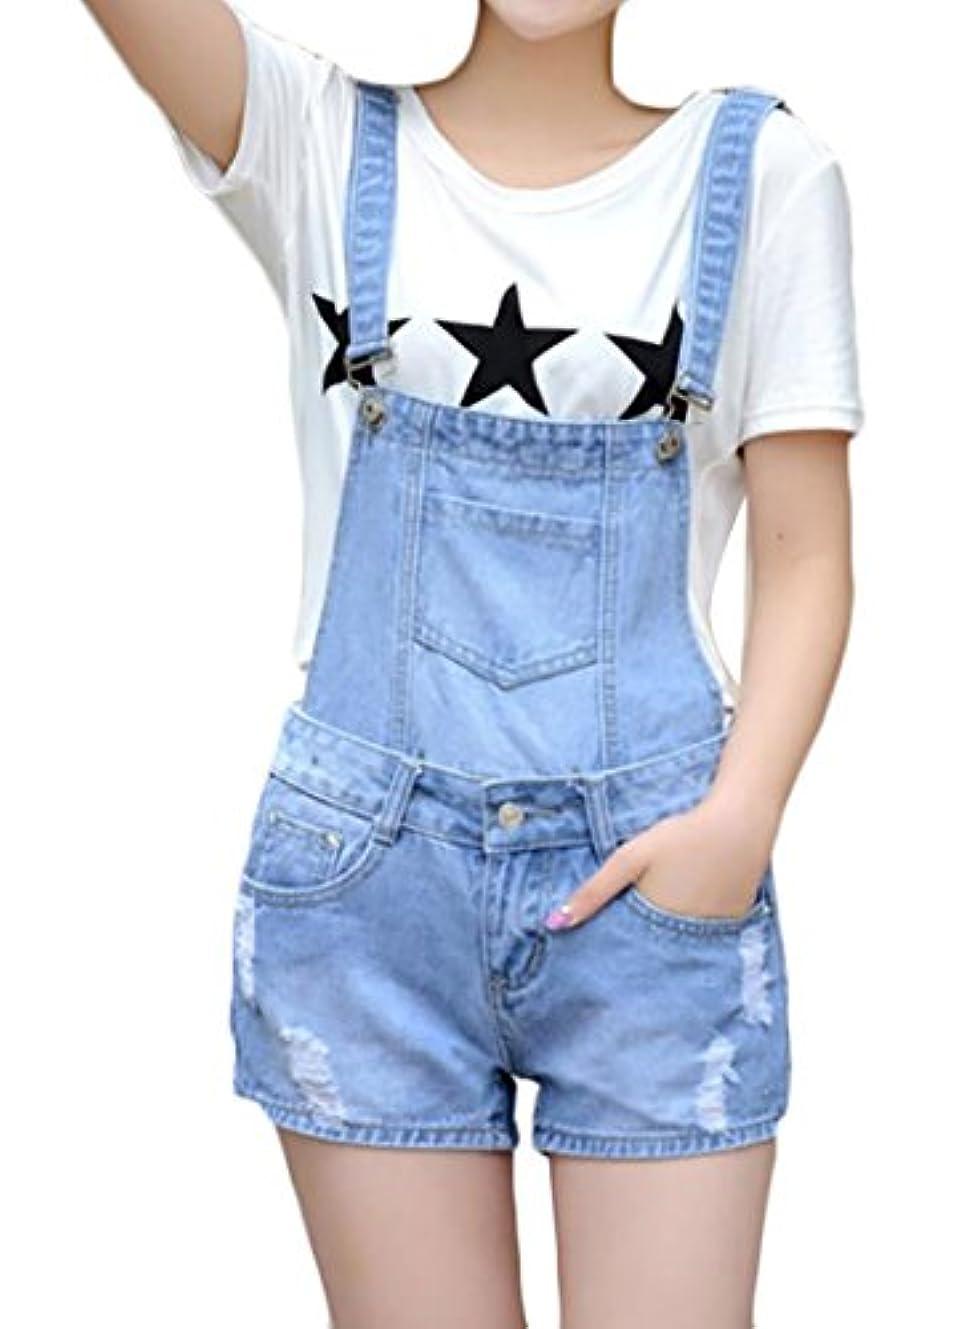 配分バズ参照するGAGA-women clothes PANTS レディース